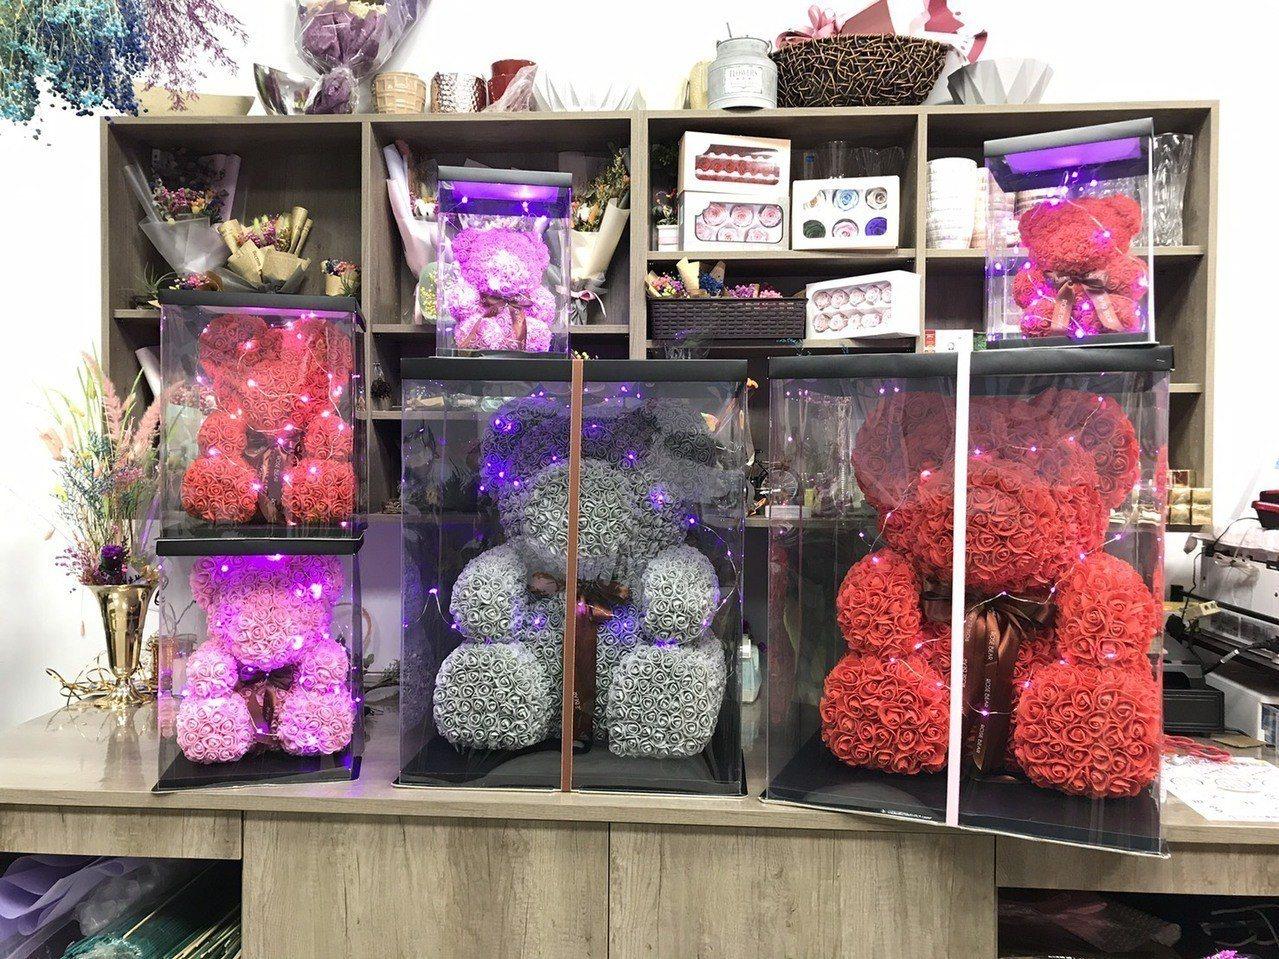 傳統的花束越來越少人訂,通常都是有一定年紀的客人會買,年輕族群喜歡新鮮的,像是現...